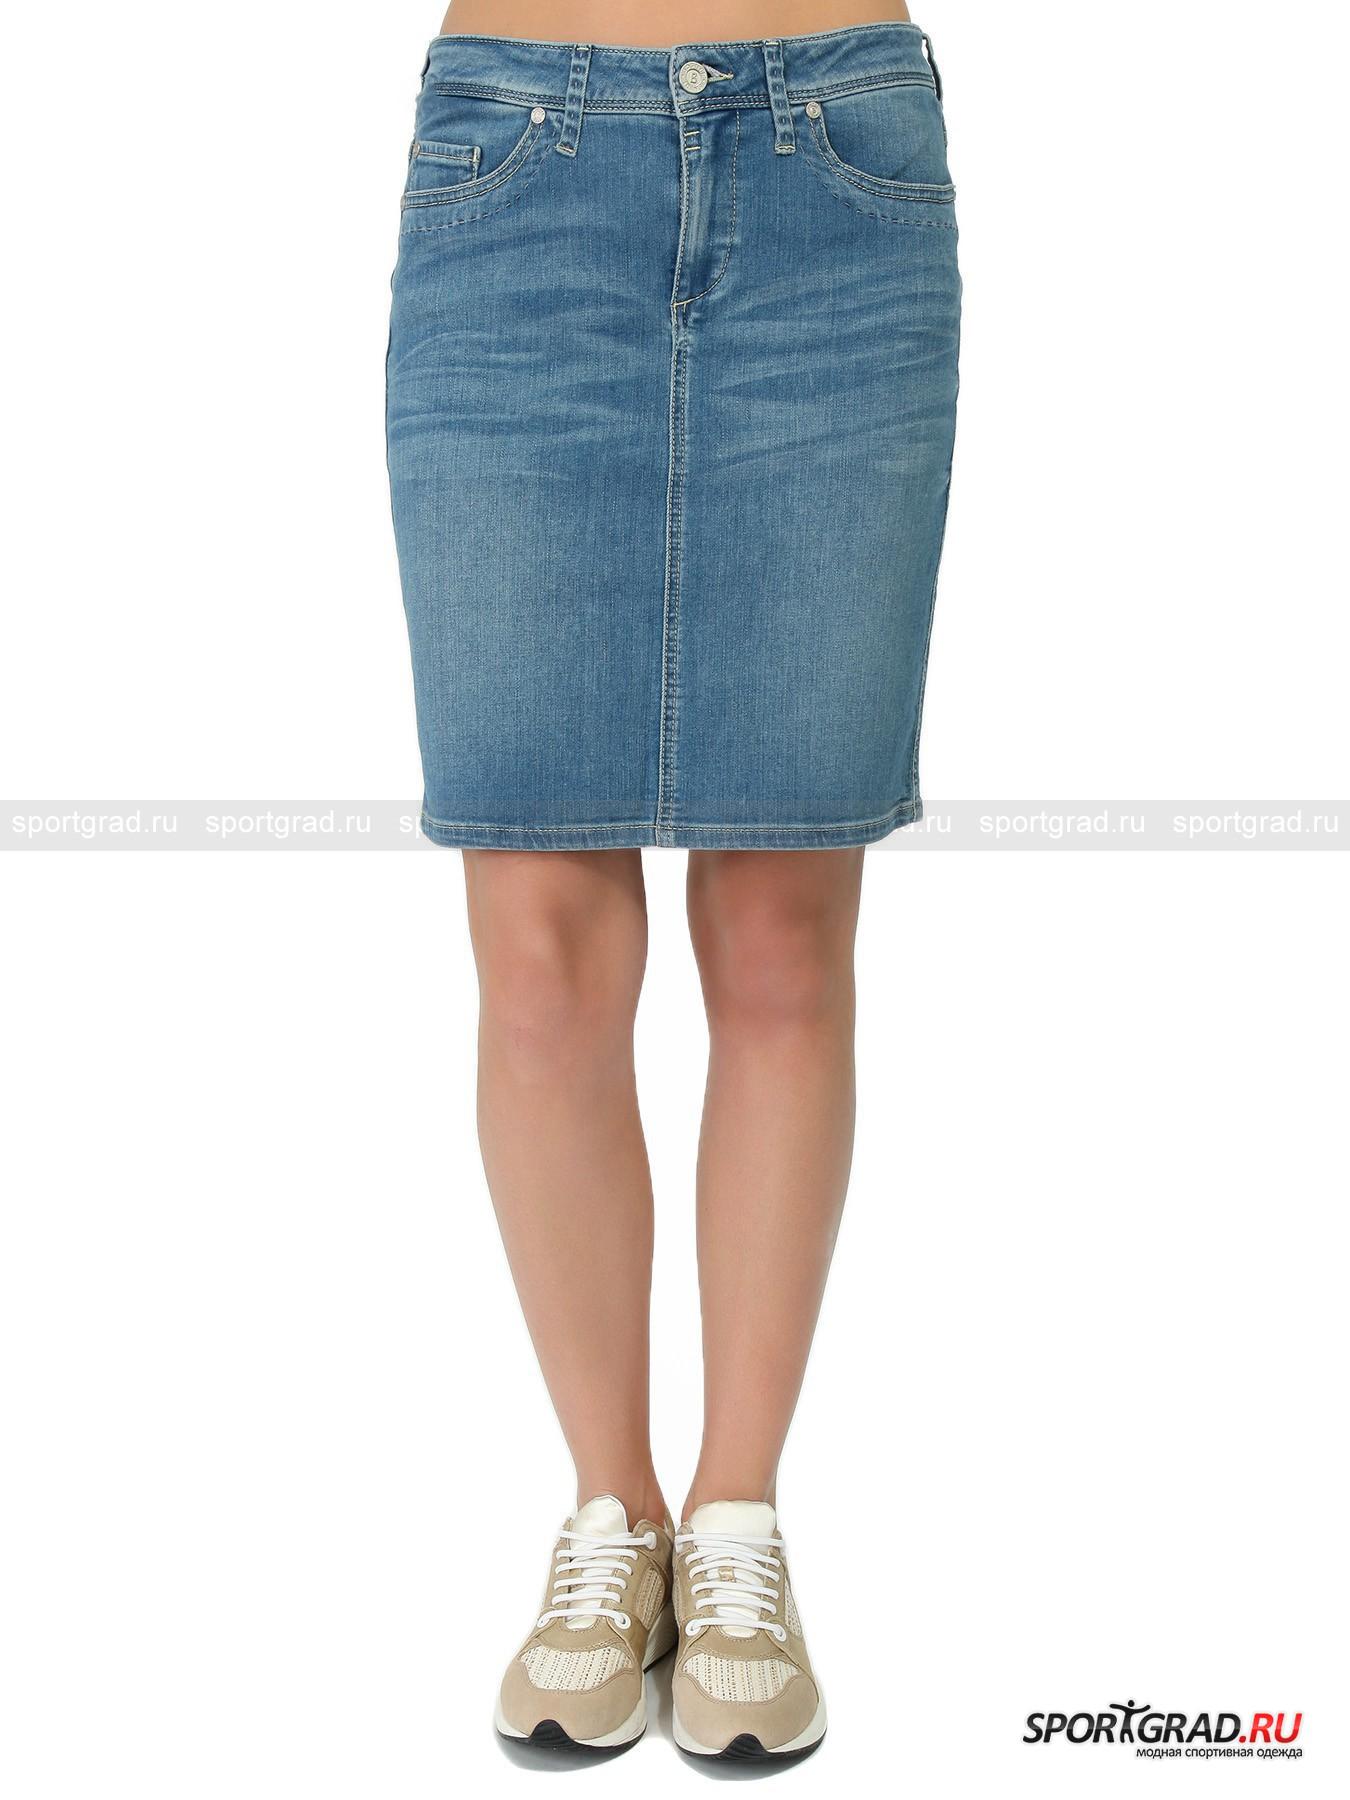 Юбка женская Denim Skirt BOGNER JEANSЮбки<br>Коллекции Bogner Jeans – это сочетание стильной лаконичности, удобства и великолепного качества. Идеальная одежда на каждый день. <br>Марка в основном выпускает базовые вещи, уместные в любой ситуации. Один из таких предметов – джинсовая юбка Denim Skirt, представленная на этой странице. Прямой крой, классический цвет, мягкий материал и удобная посадка для максимального комфорта.<br><br>Особенности модели:<br>- застежка-молния и пуговица;<br>- петли для ремня;<br>- пять карманов;<br>- кокетка на пояснице;<br>- фирменная нашивка;<br>- разрез сзади.<br><br>Пол: Женский<br>Возраст: Взрослый<br>Тип: Юбки<br>Рекомендации по уходу: стирка при температуре до 30 С; не отбеливать; гладить слегка нагретым утюгом (температура до 110 C); химчистка запрещена; нельзя сушить в стиральной машине<br>Состав: 98% хлопок, 2% эластан